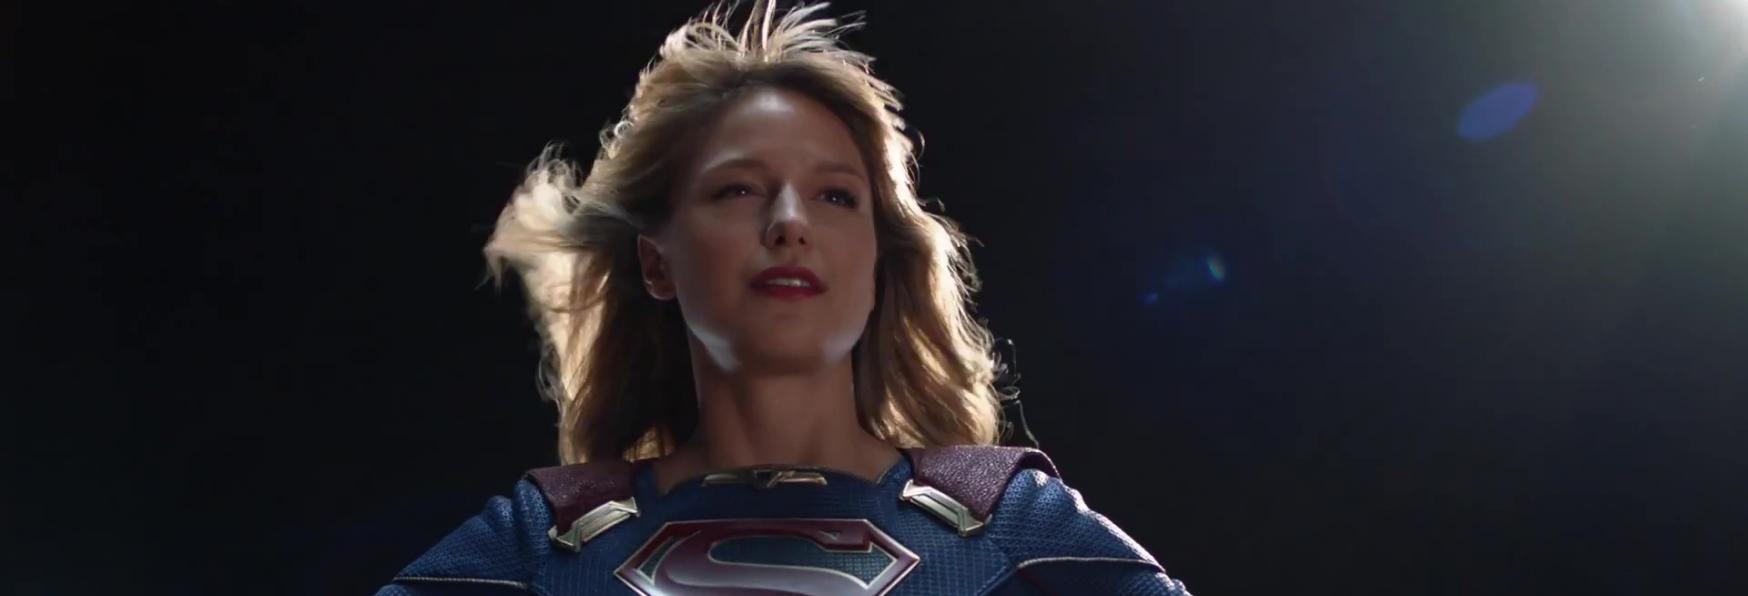 """Supergirl 2x08: Svelata la Sinossi dell'Episodio """"Welcome Back, Kara"""""""